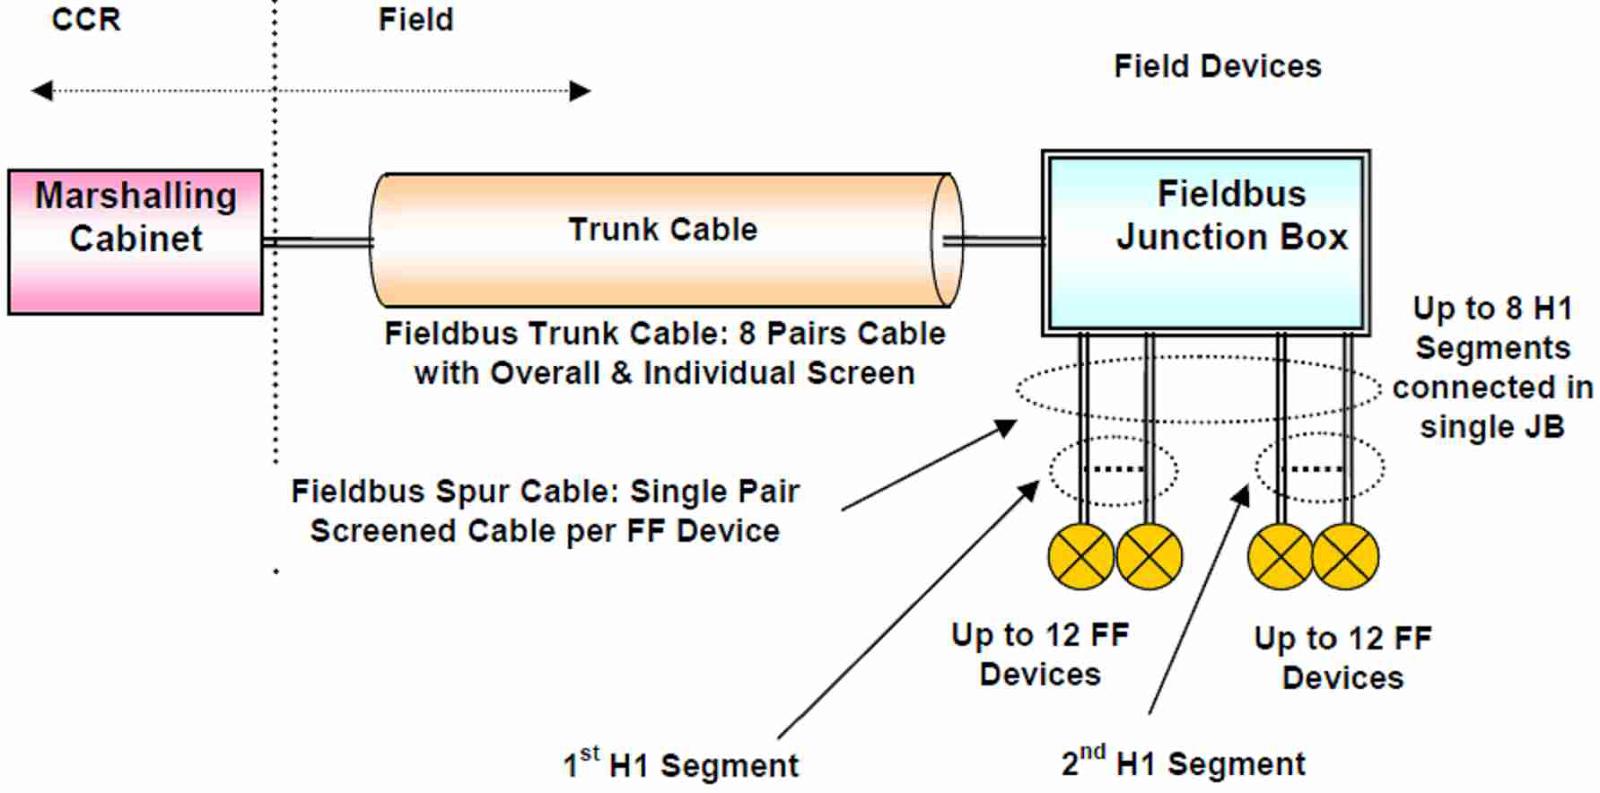 Foundation Fieldbus Segment Wiring Design Requirements